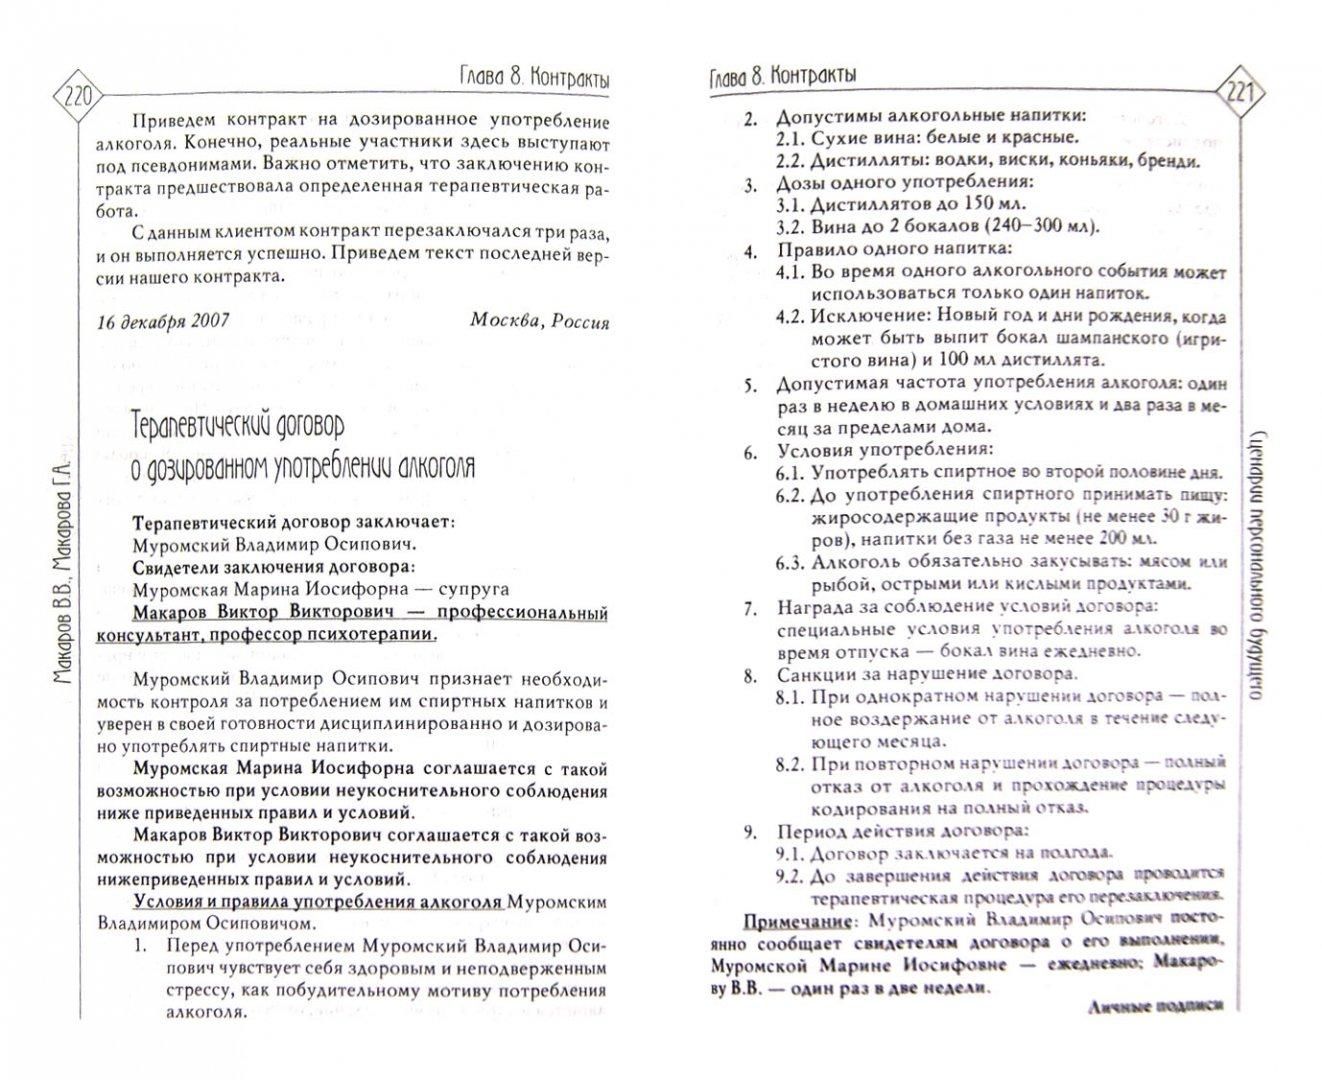 Иллюстрация 1 из 5 для Сценарии персонального будущего - Макаров, Макарова | Лабиринт - книги. Источник: Лабиринт